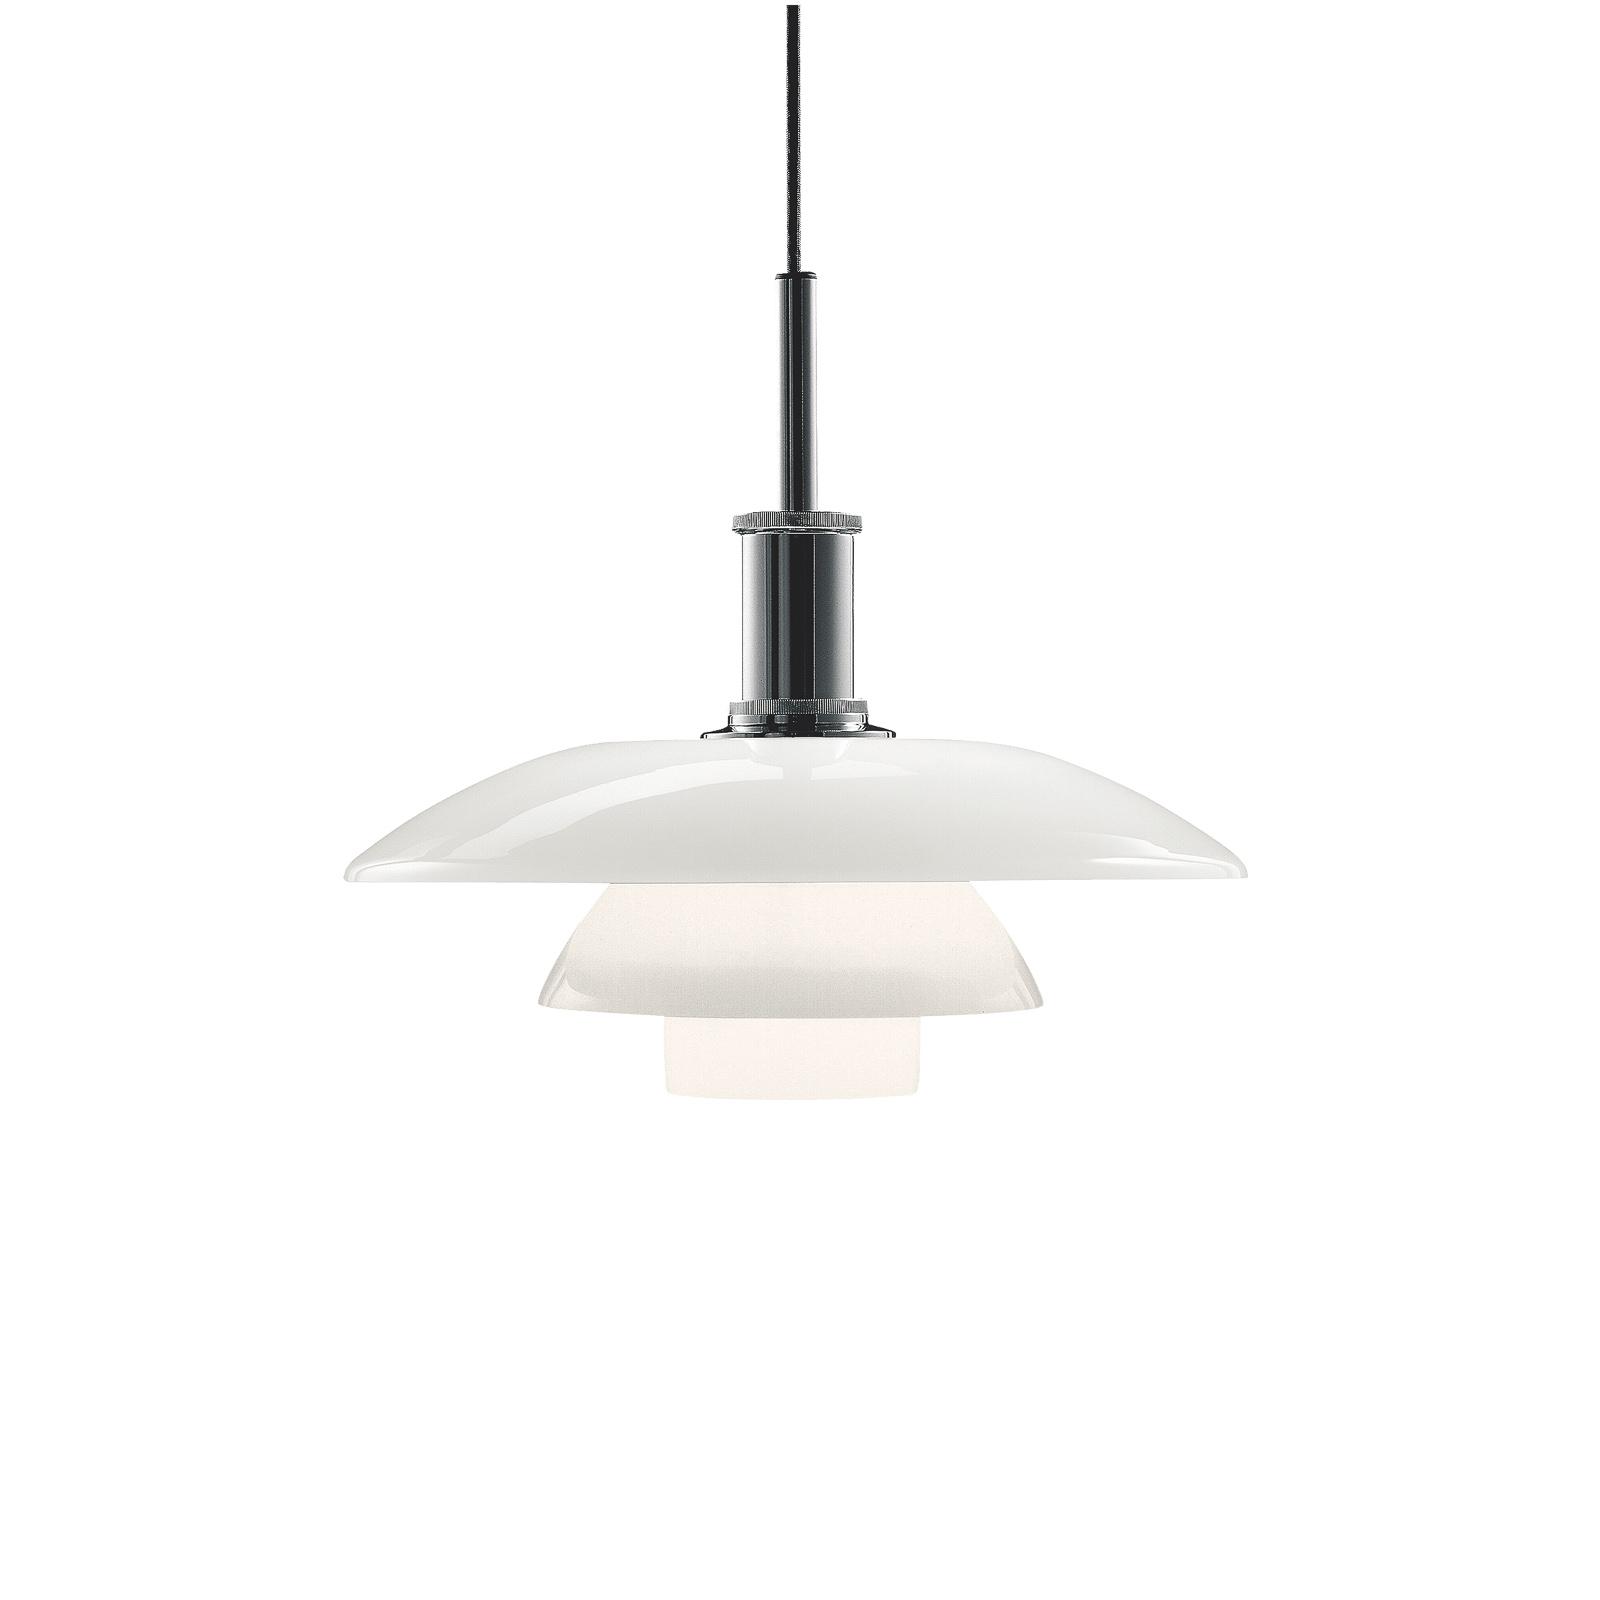 Louis Poulsen PH 4 1/2-4 hængelampe